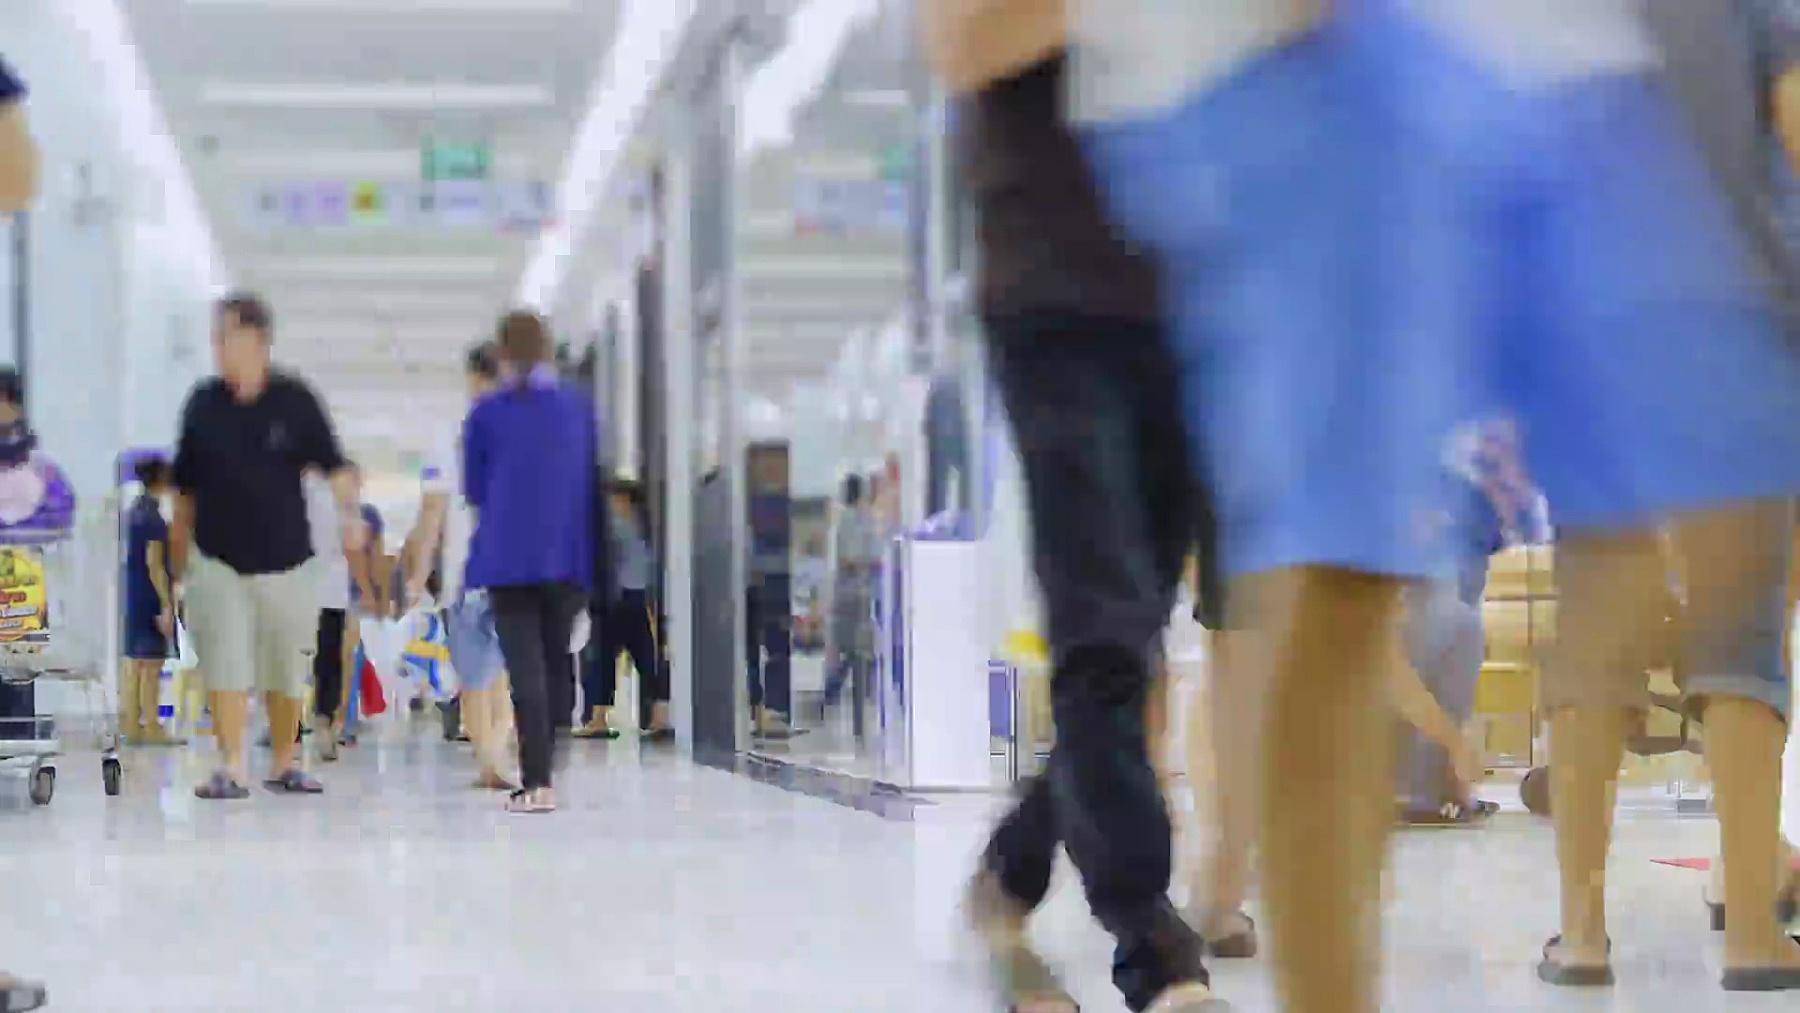 延时摄影4096x2160 人群在购物中心和走动商场与ProRes 422HQ.panning风格。